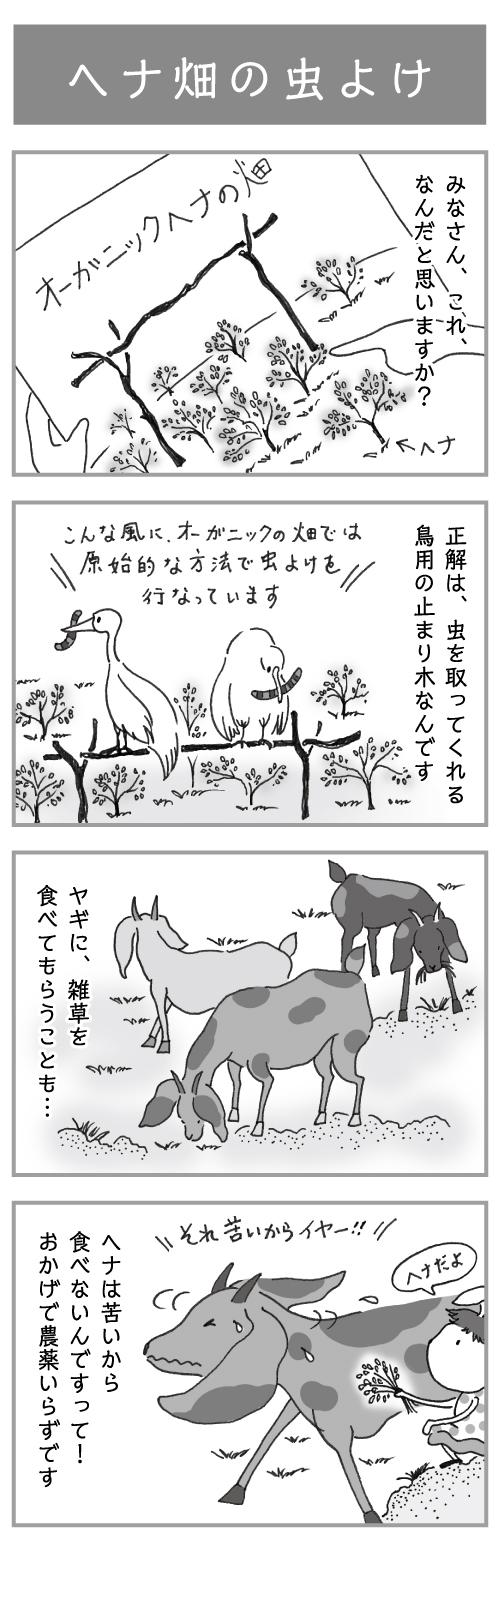 4コマ漫画「ヘナ畑の虫よけ」